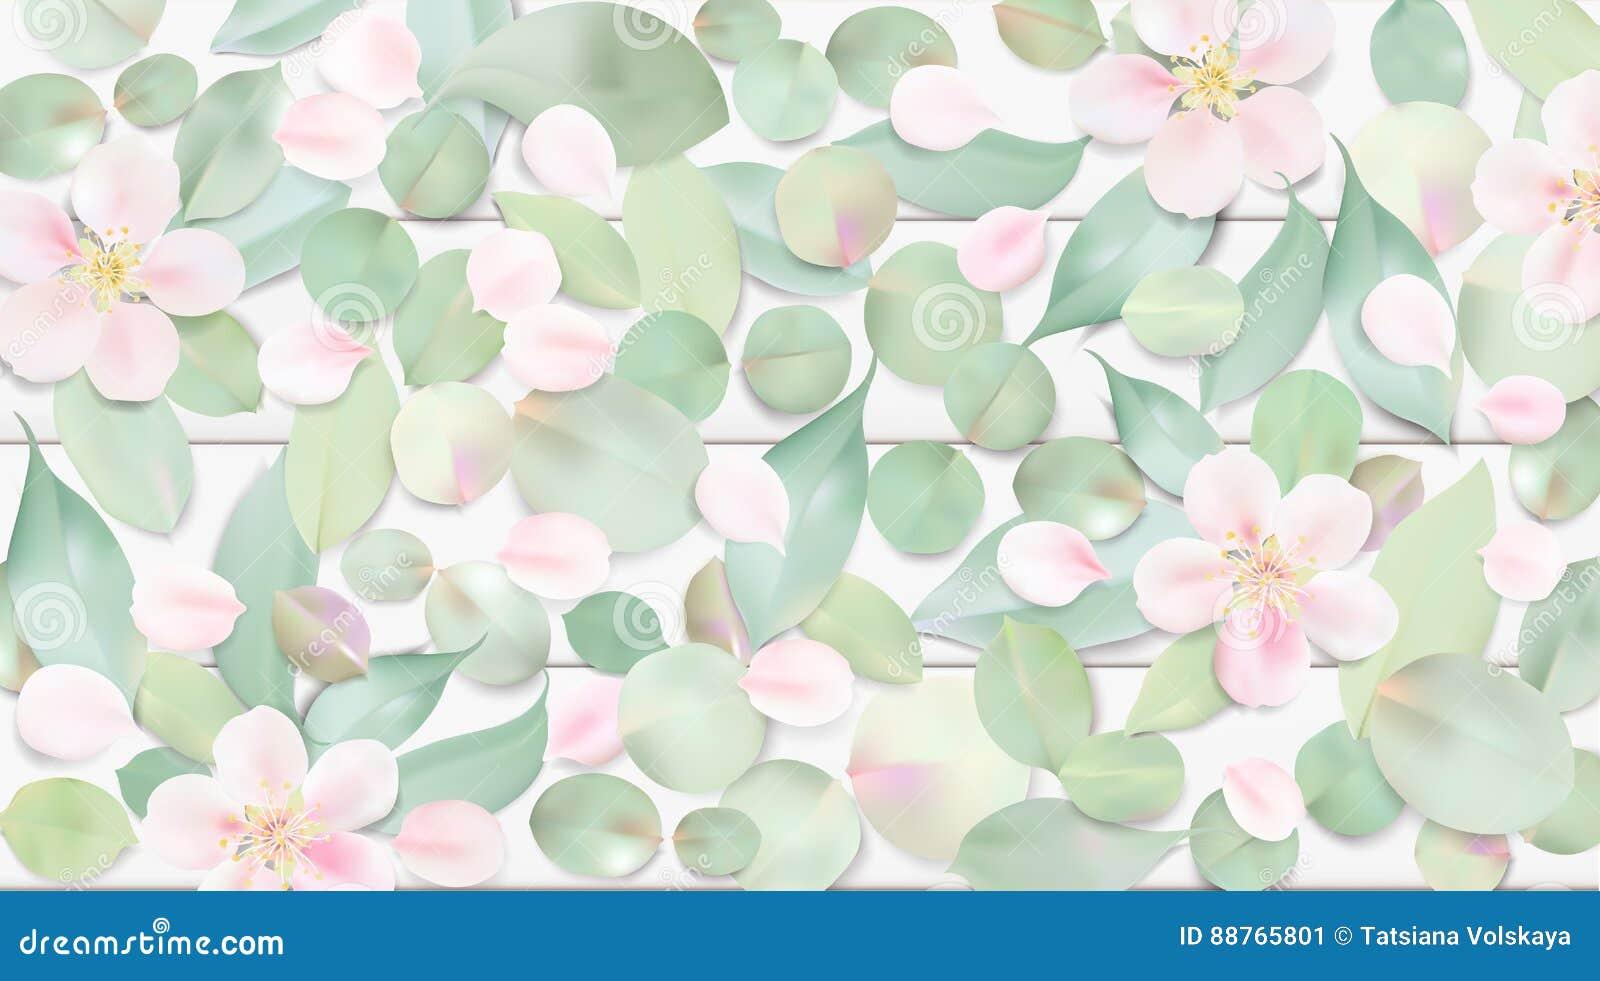 Fondo En Colores Pastel Con Las Hojas De La Flor Ilustración del ...